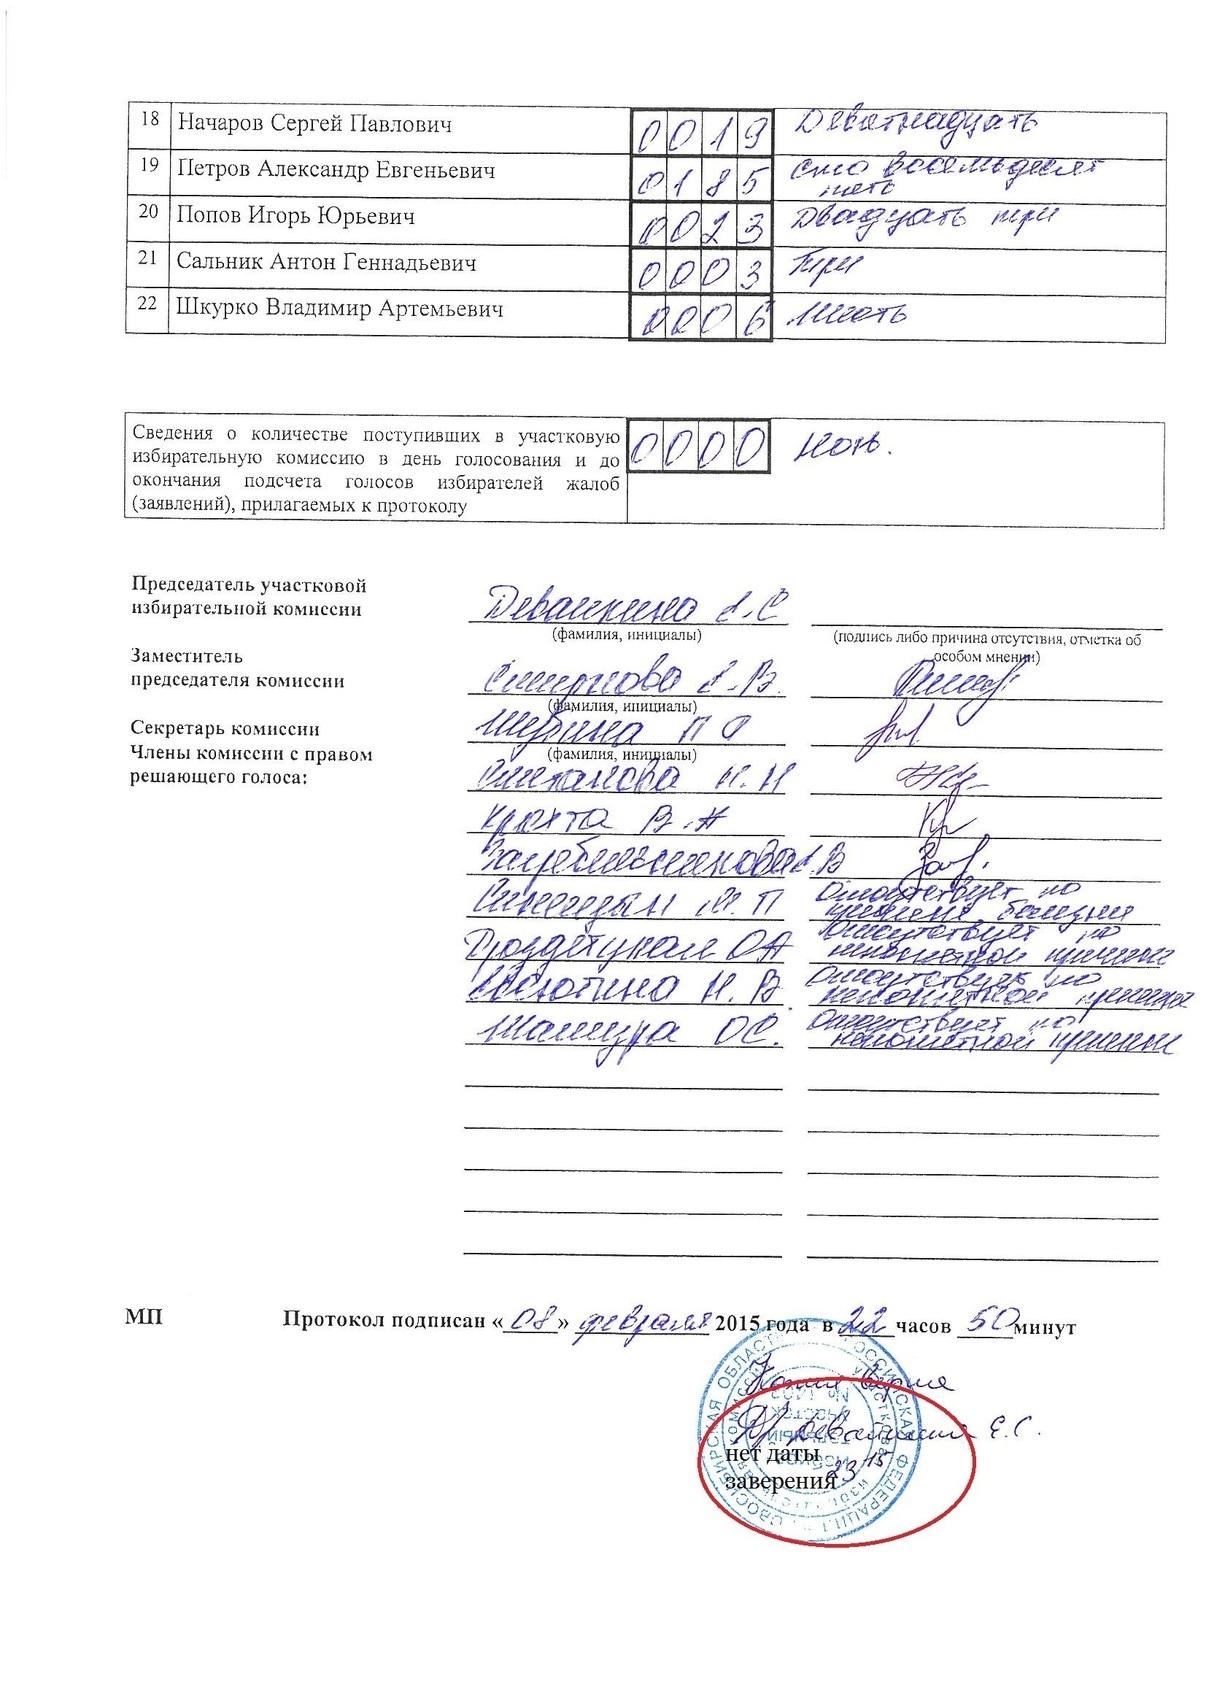 УИК №1408_2